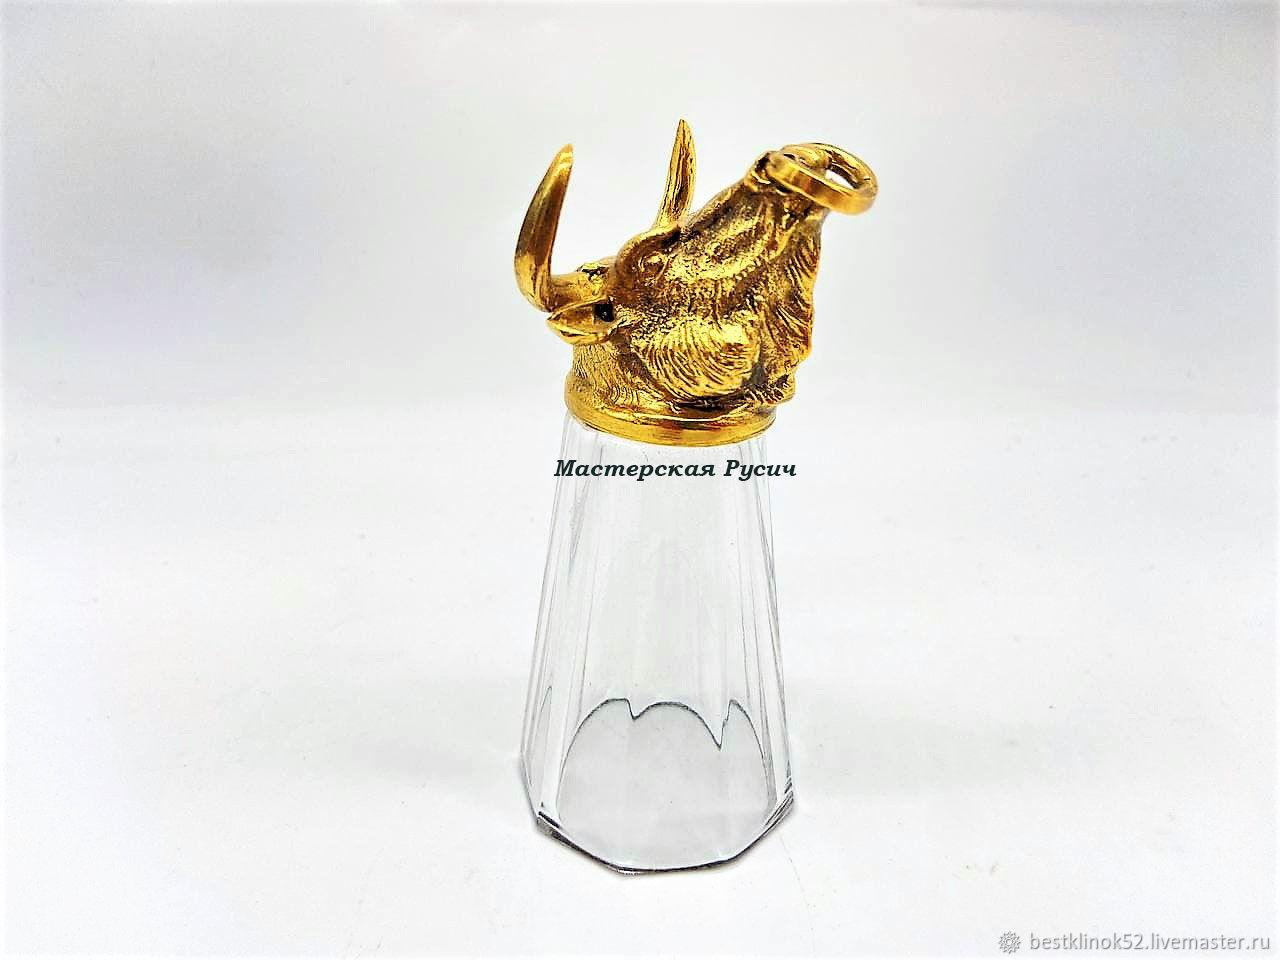 Lafitnik Bull, Shot Glasses, Pavlovo,  Фото №1